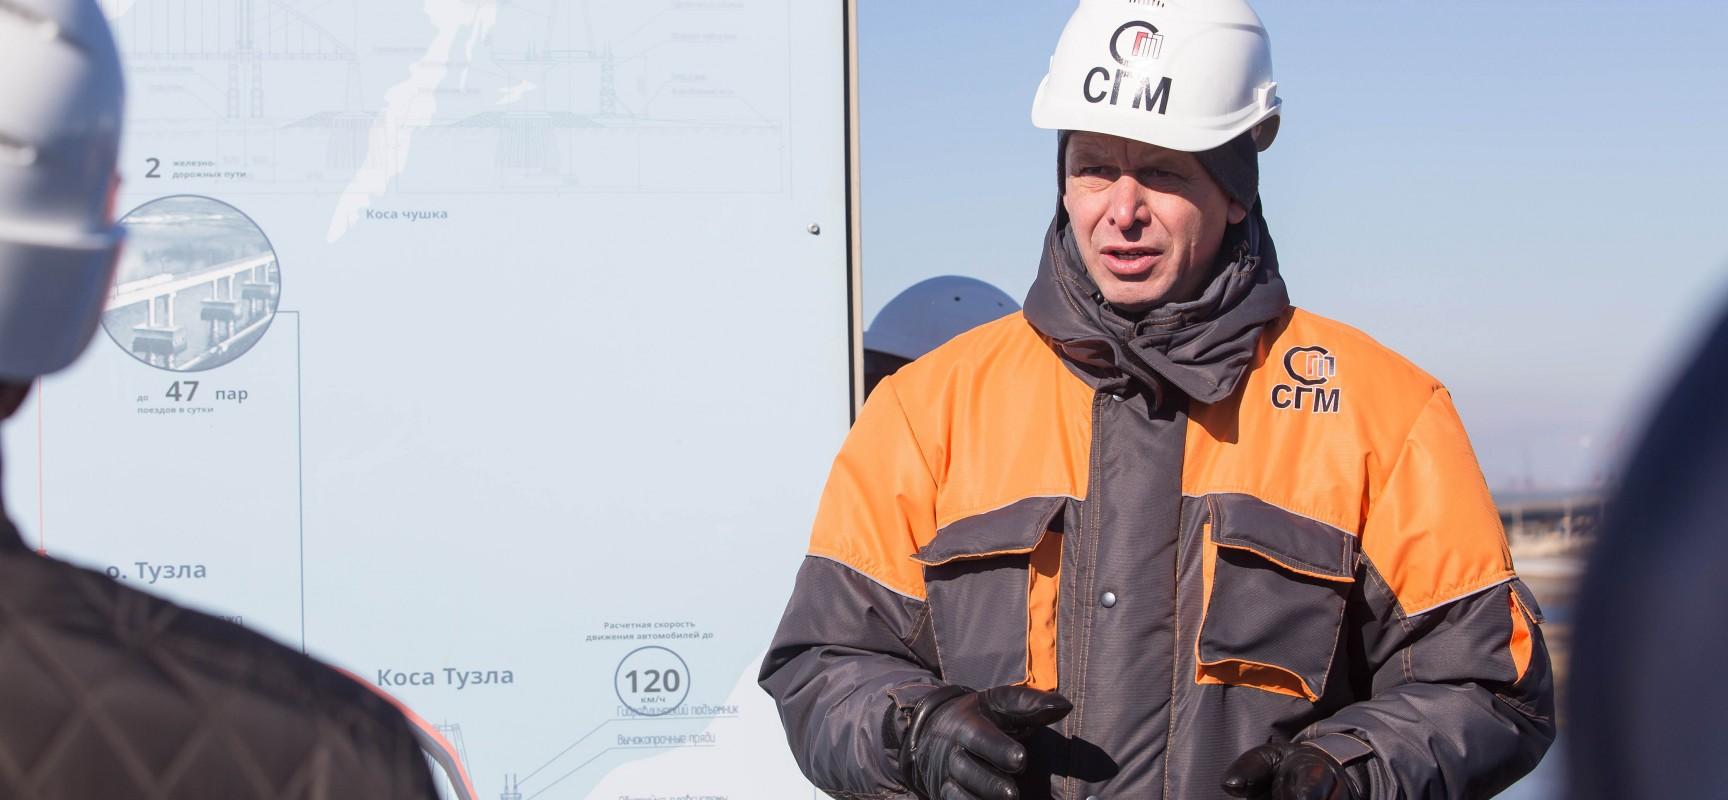 К концу октября строители выполнили годовой план по сооружению опор моста через Керченский пролив